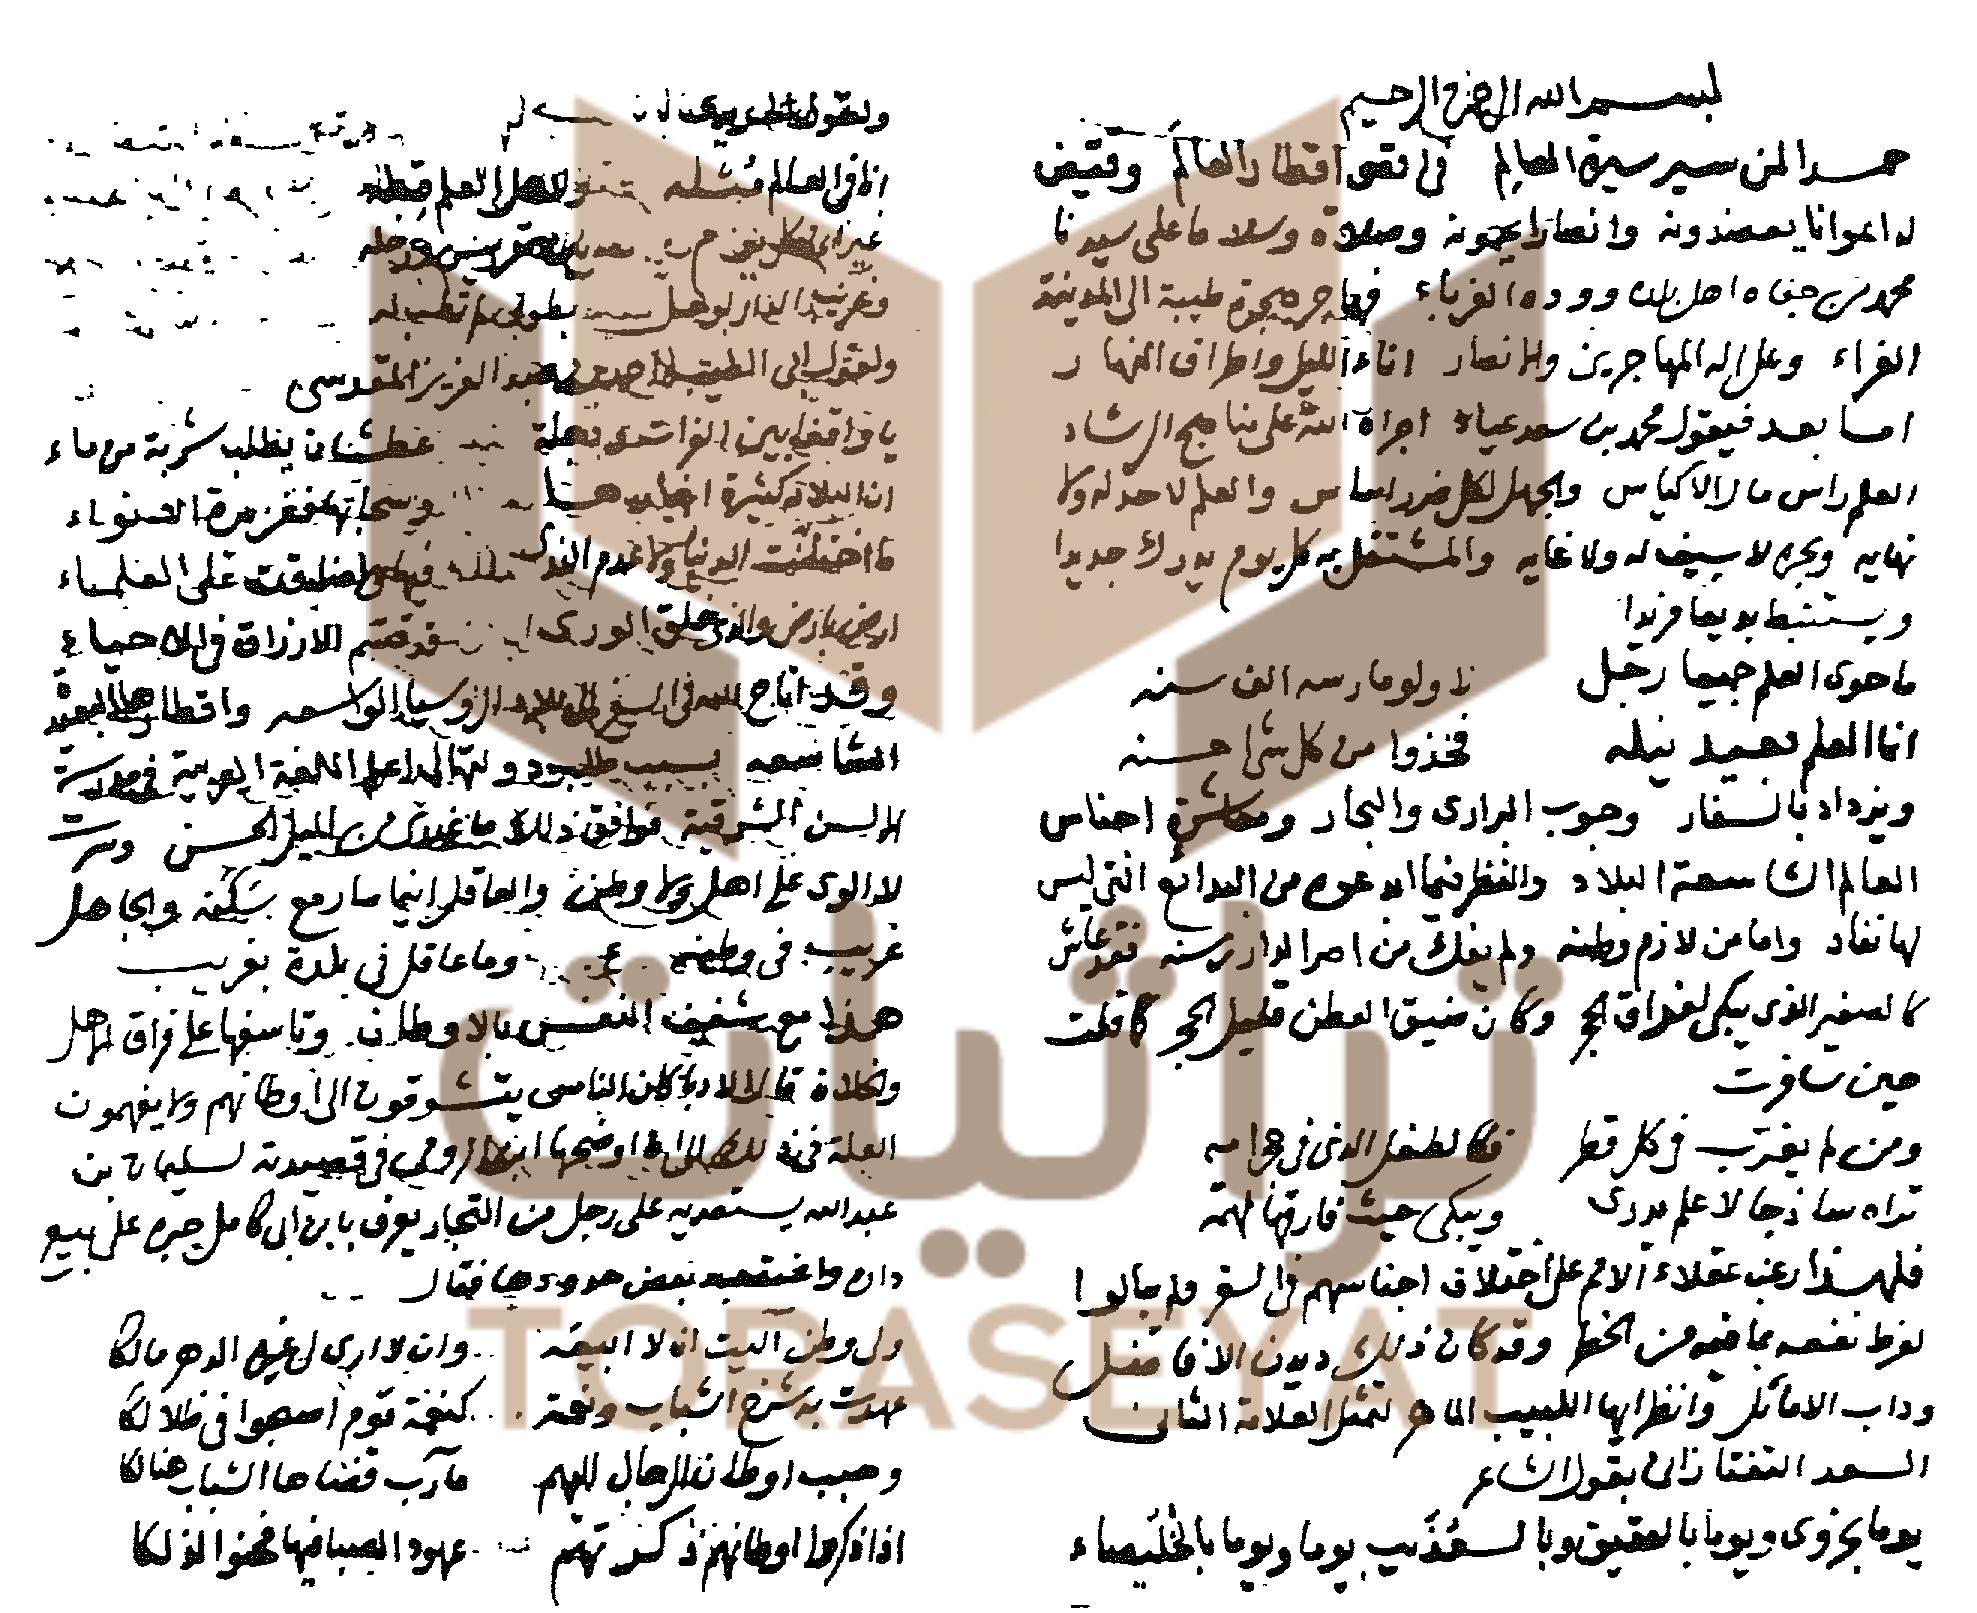 خط يد الشيخ محمد عياد الطنطاوي في كتابه عن روسيا